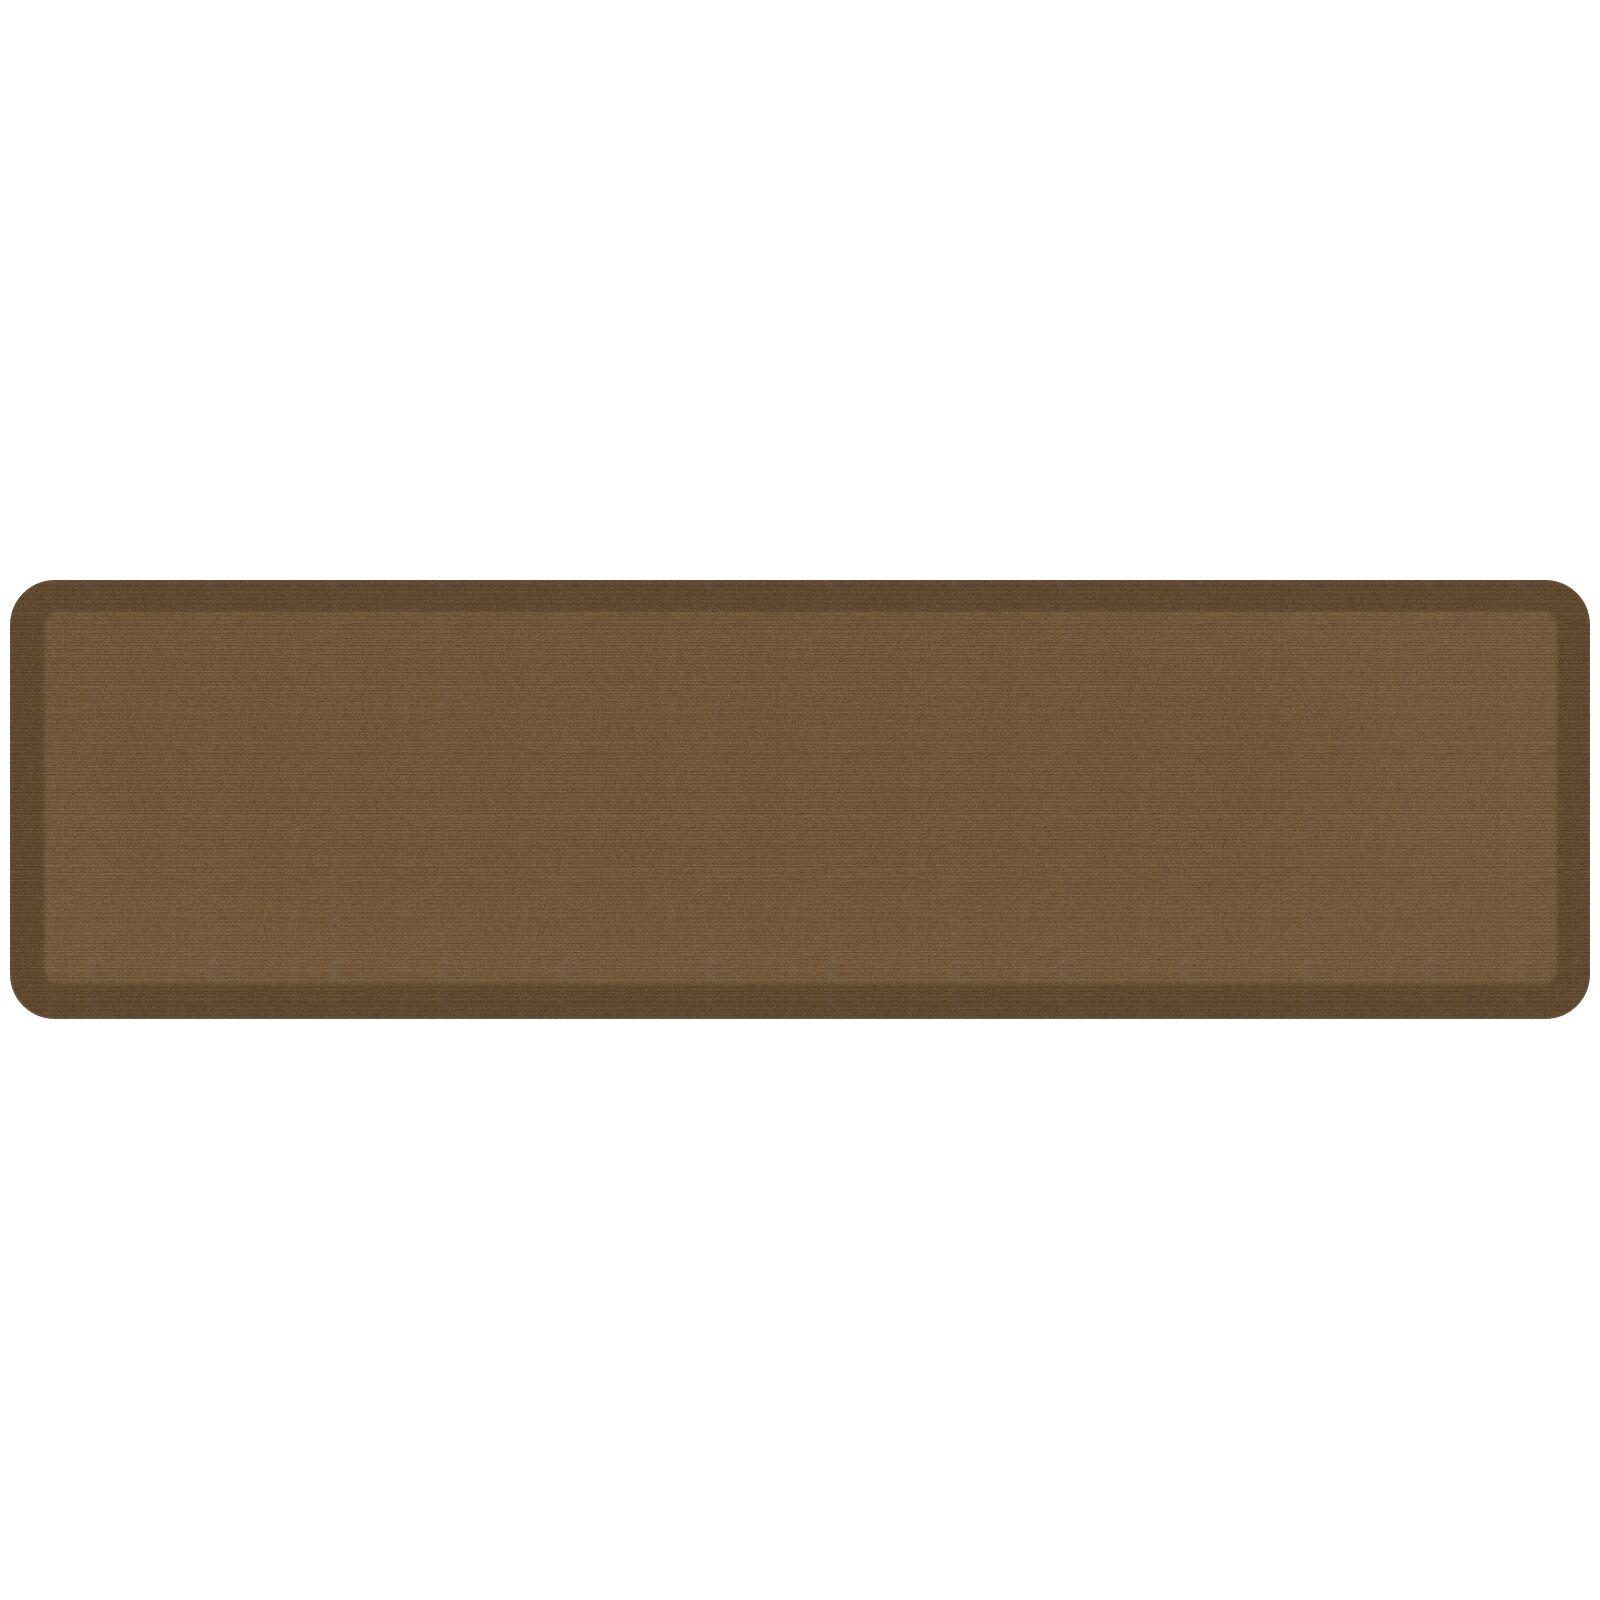 Grasscloth Designer Comfort Kitchen Mat Mat Size: 1'8